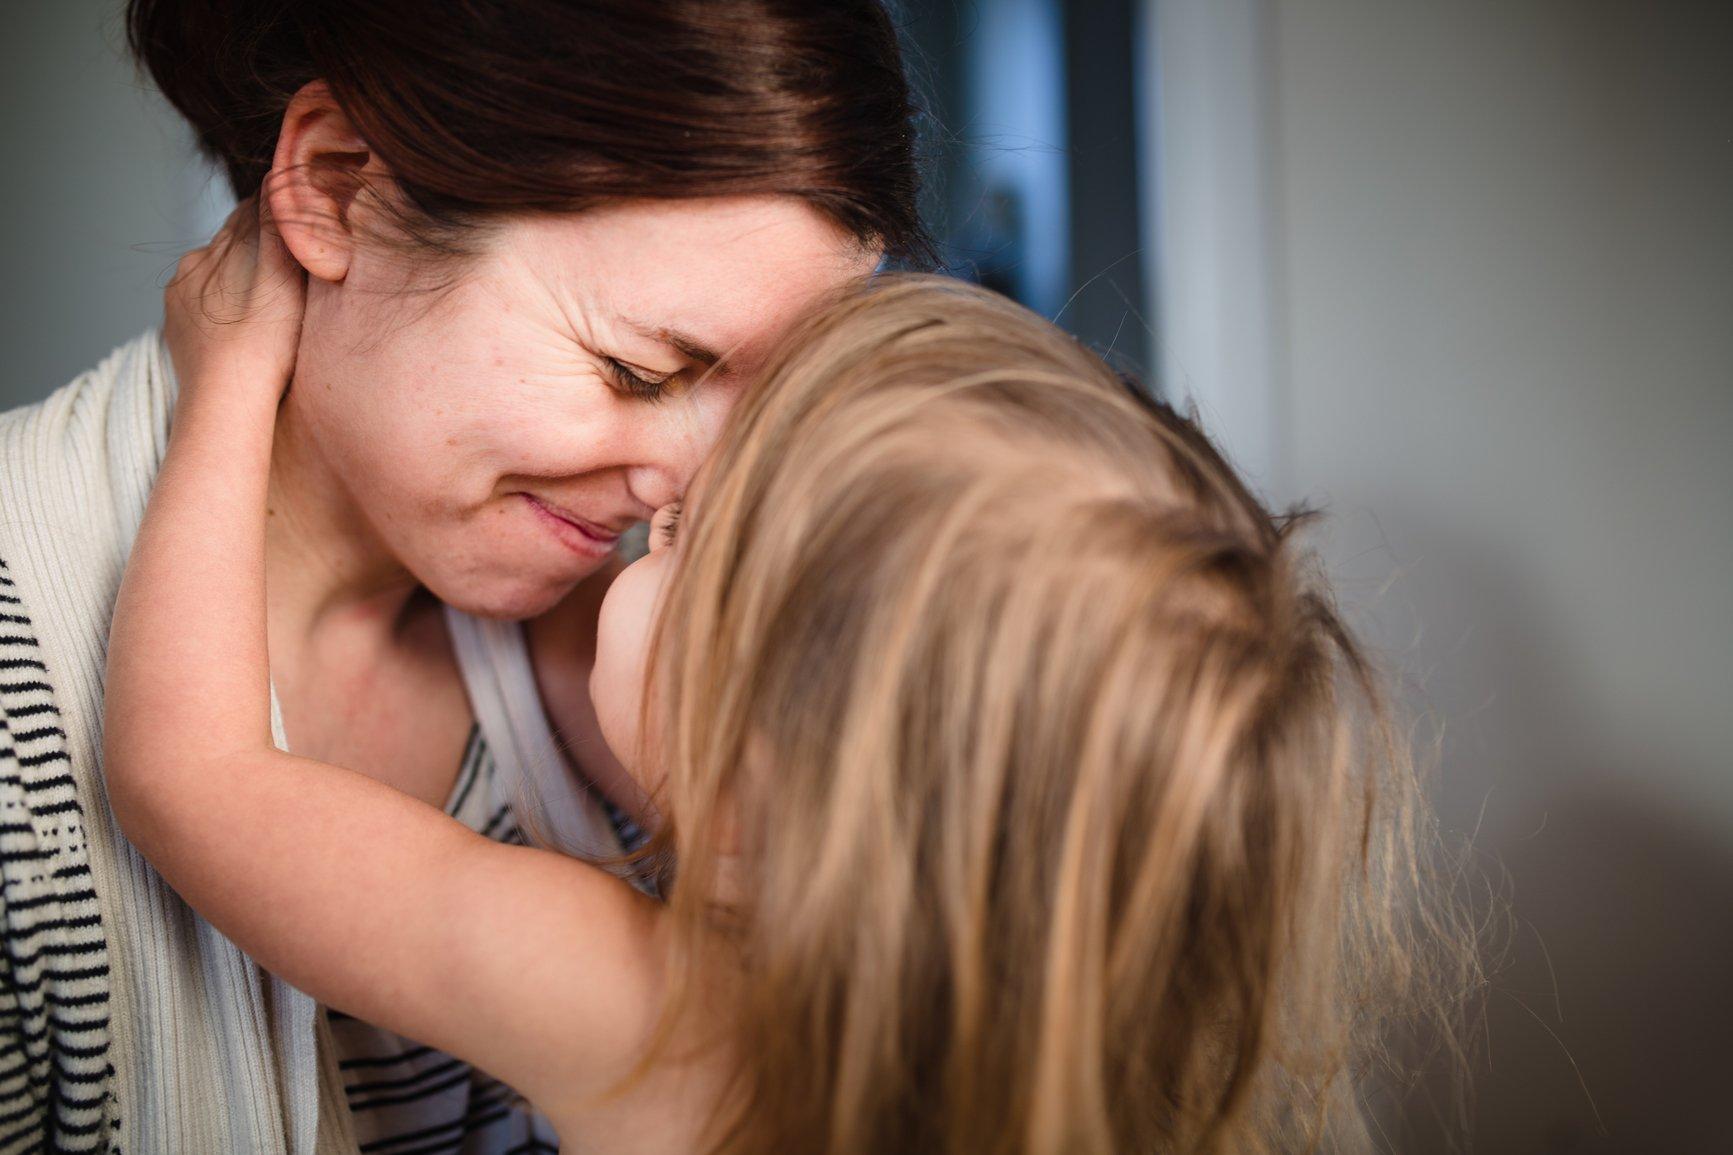 mother hugging child